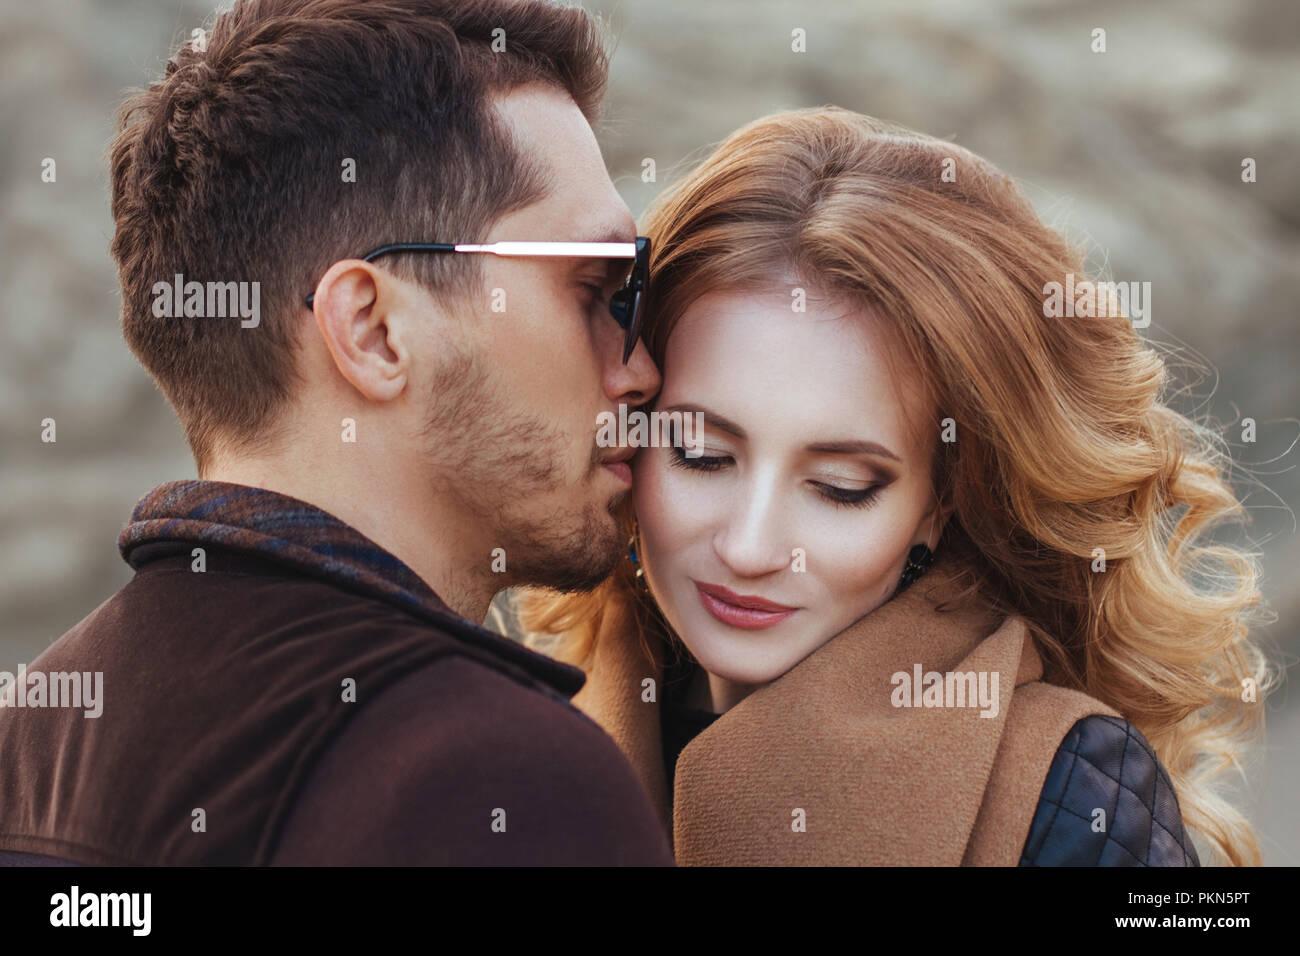 Bella giovane in amore il giorno di San Valentino. Felice coppia giovane passeggiate sulle montagne di sabbia in un giorno nuvoloso Immagini Stock